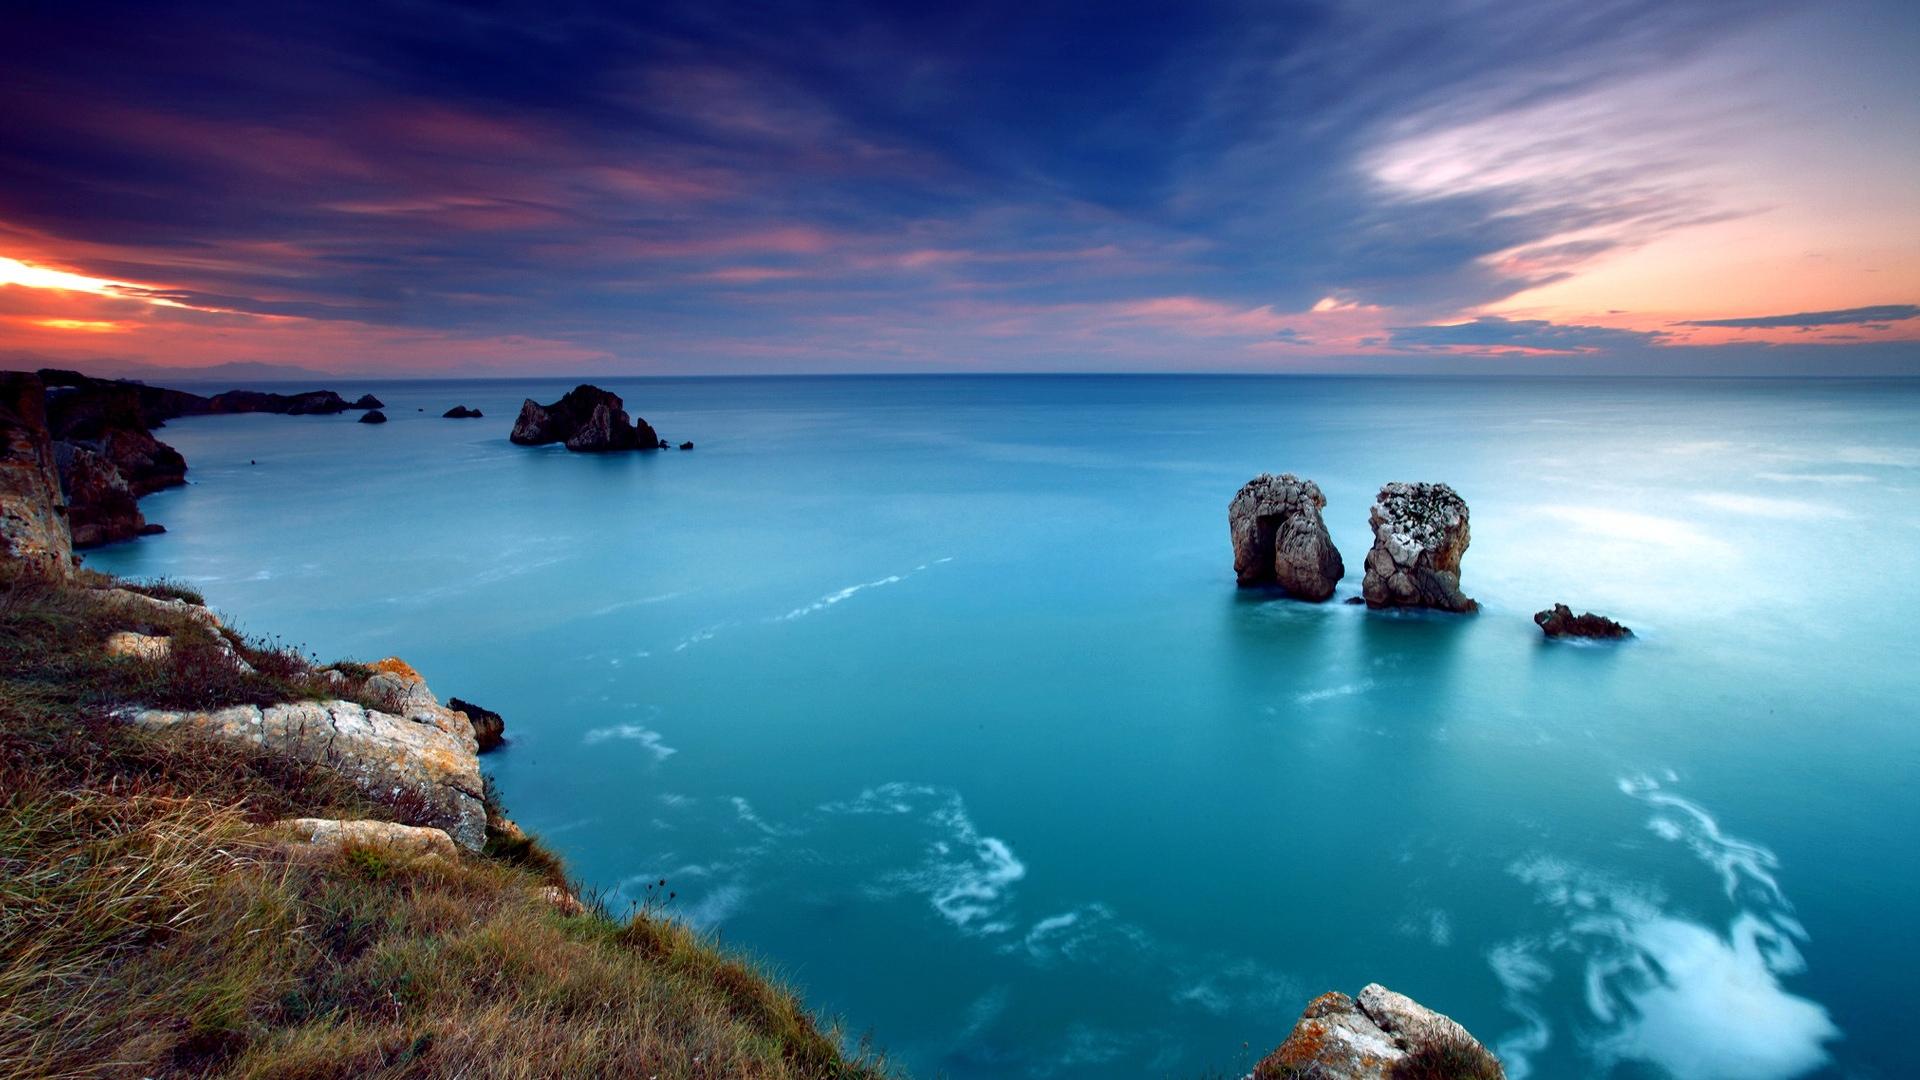 ocean view full hd desktop wallpapers 1080p